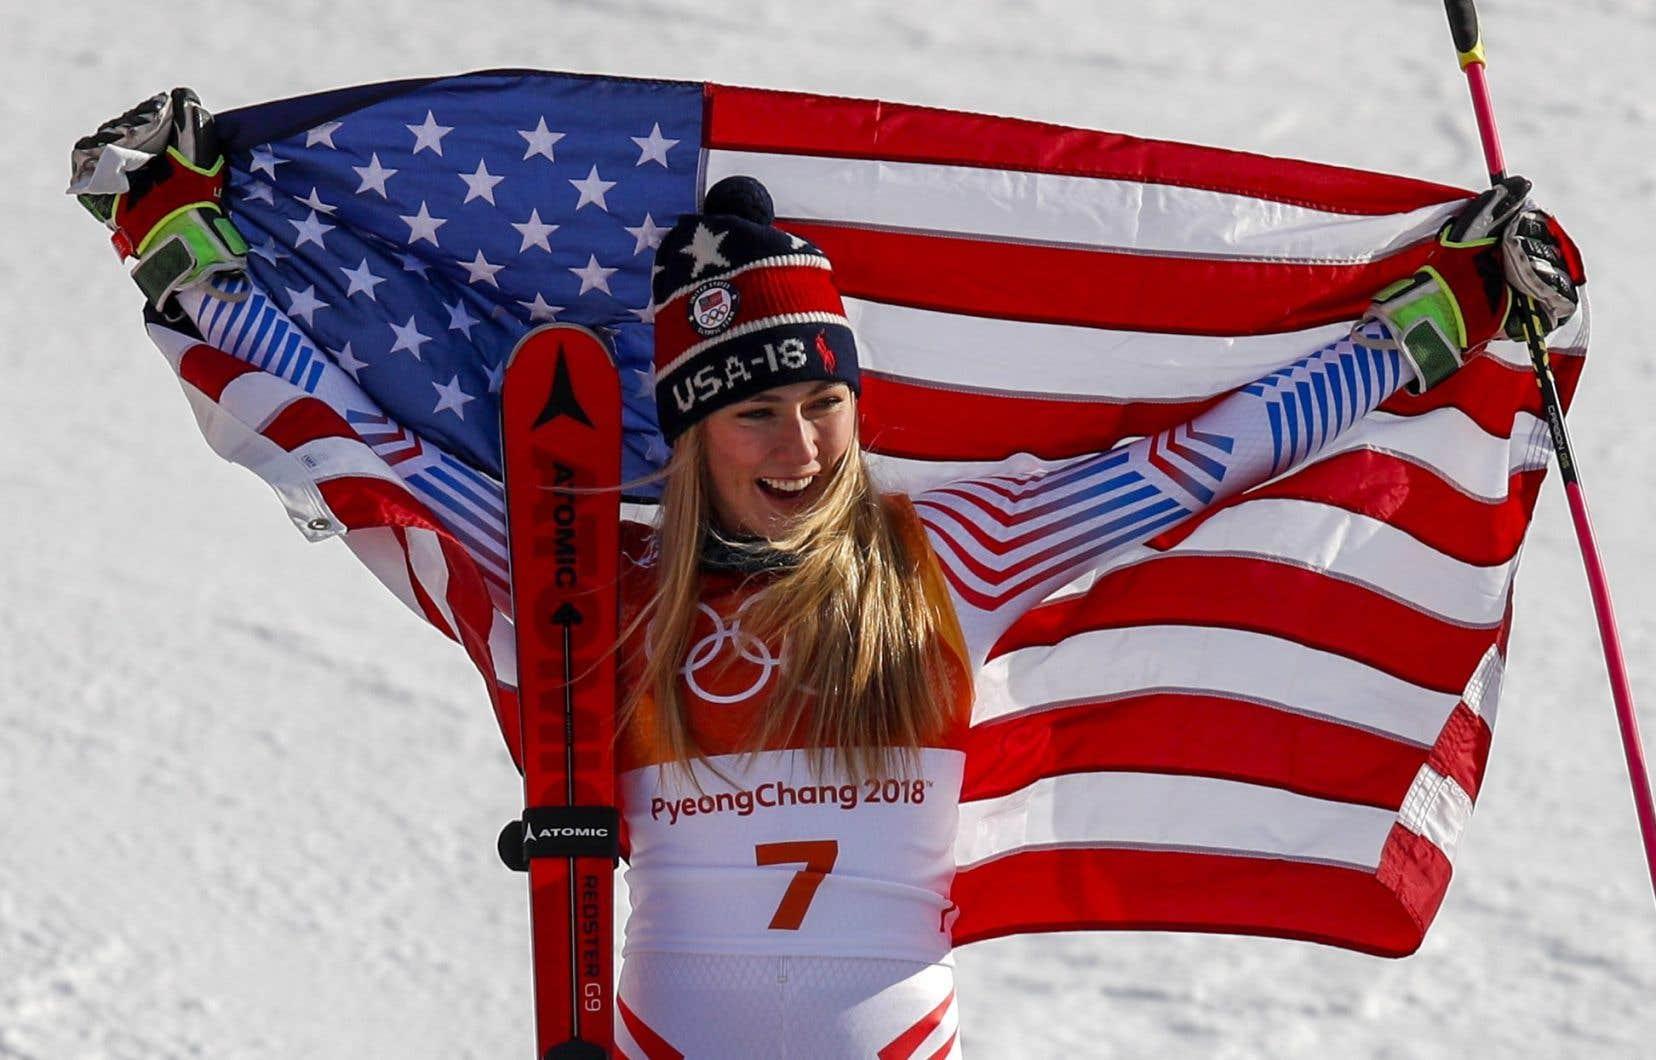 La skieuse américaine a devancé la Norvégienne Ragnhild Mowinckel par 39 centièmes de seconde.